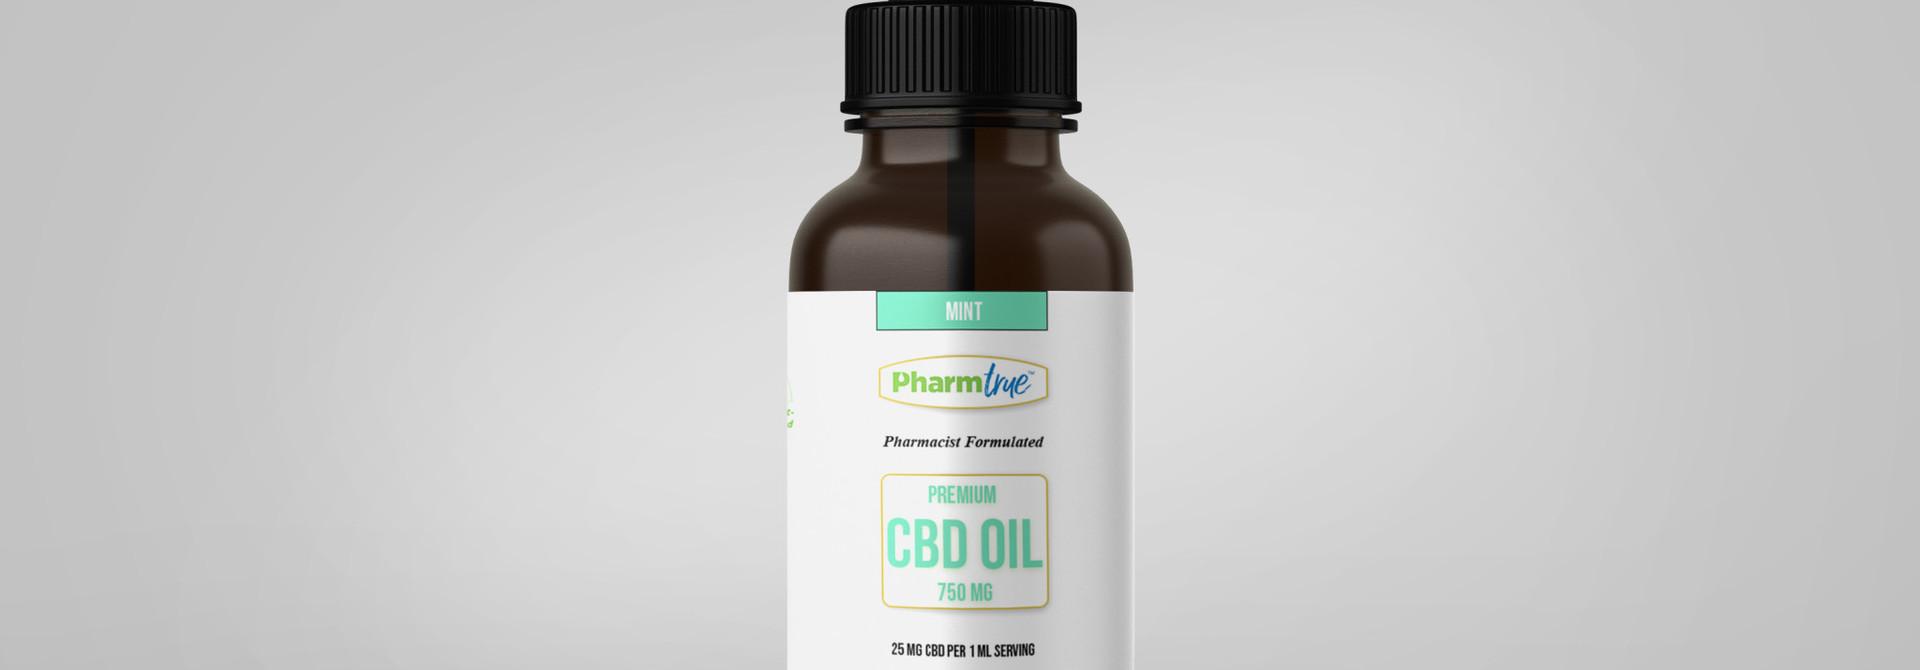 CBD OIL 750 mg TINCTURE - Mint